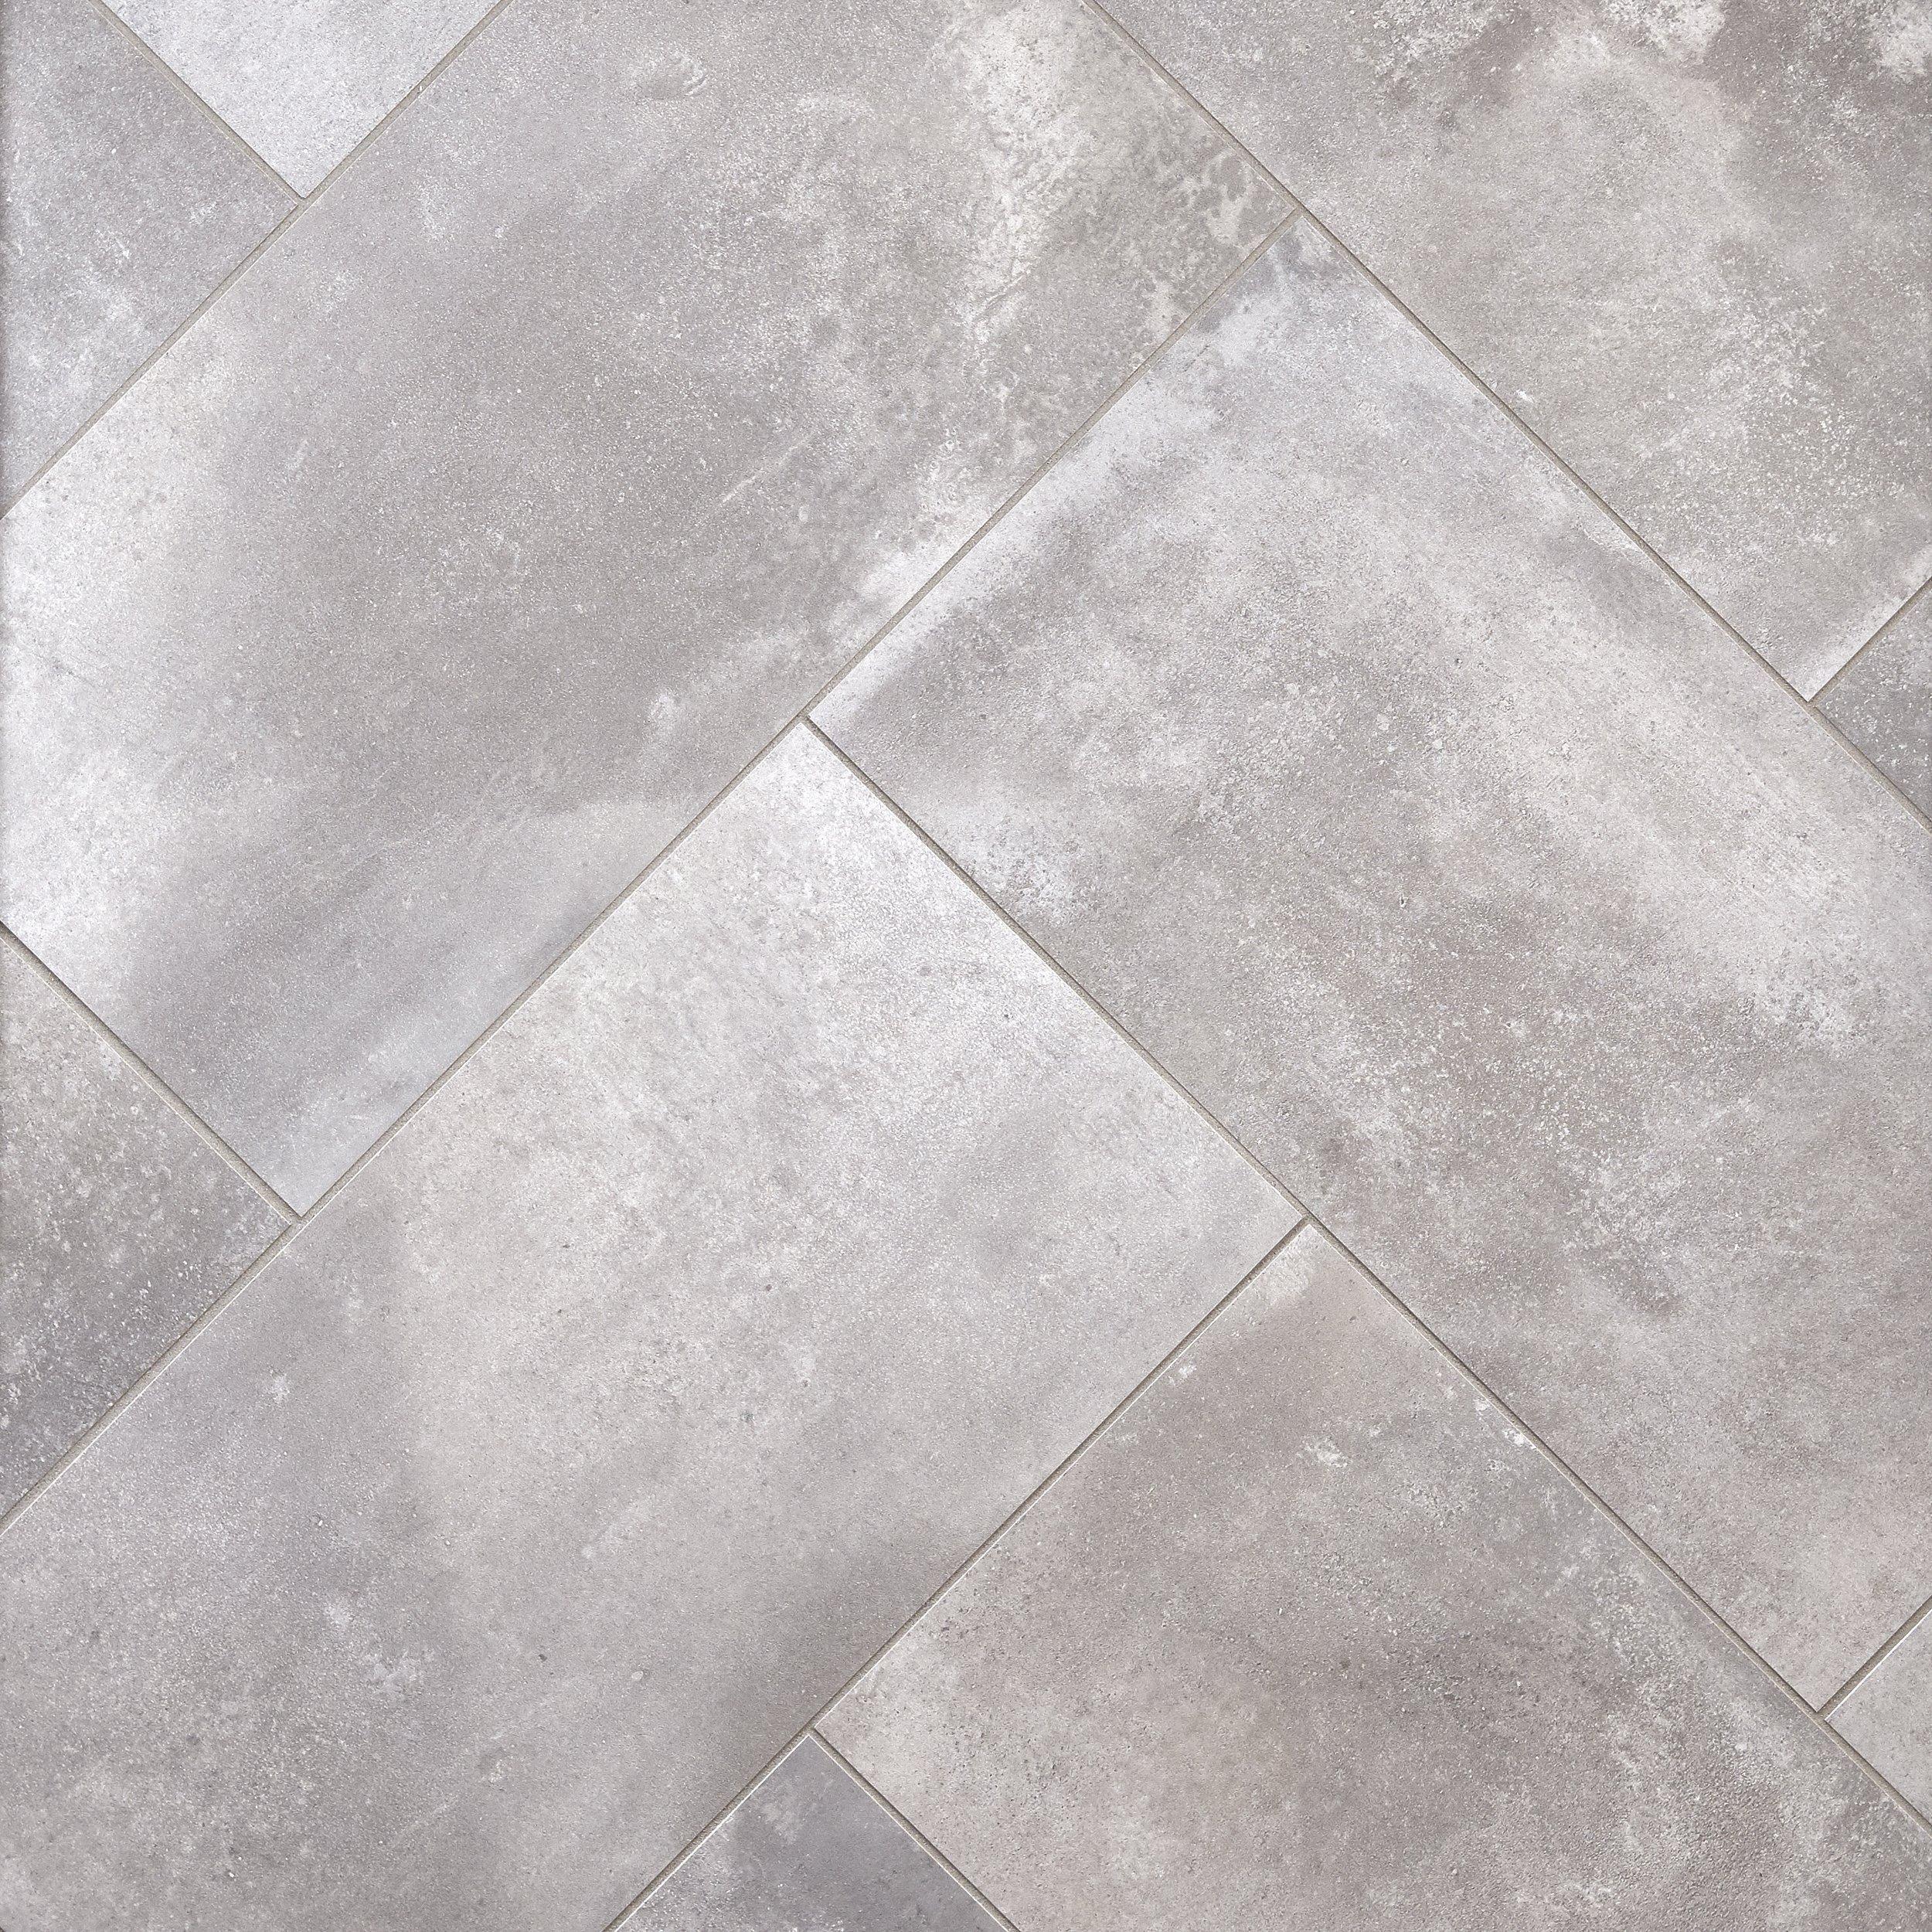 22+ City tile information